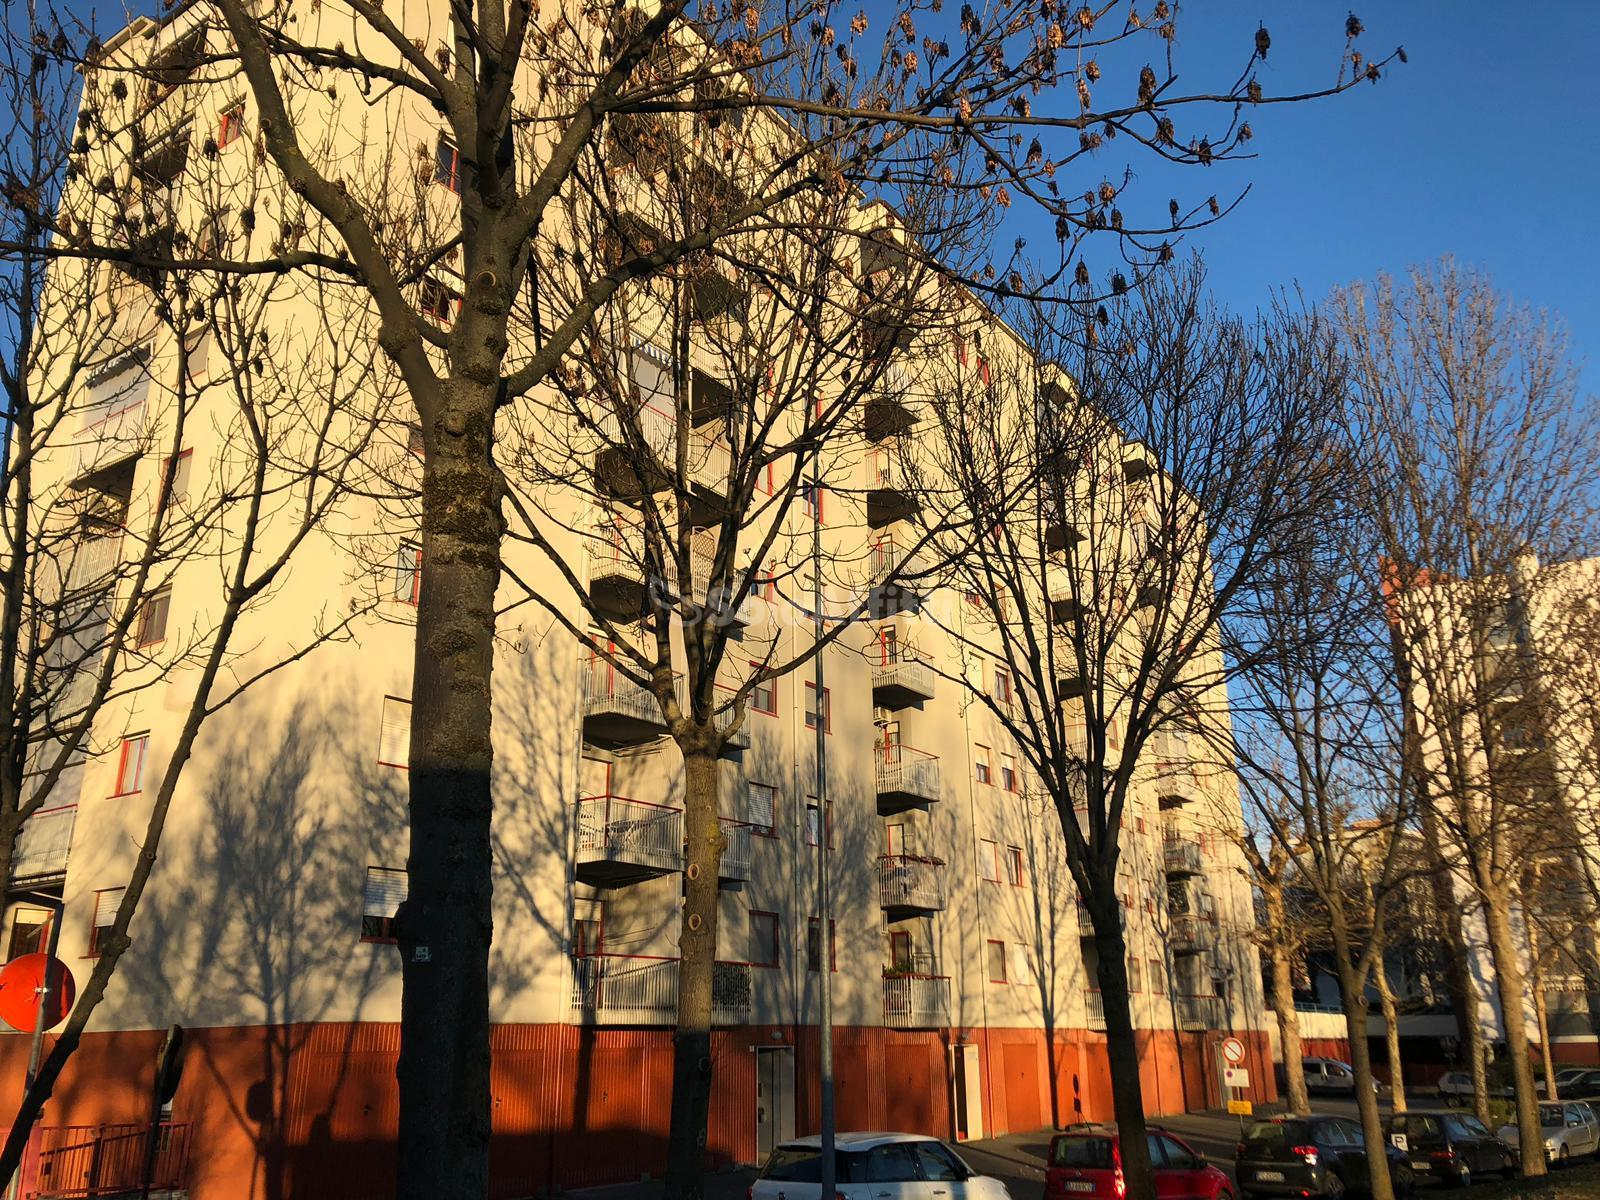 Affitto case rivoli affitto appartamenti ville solo for Affitti rivoli arredato